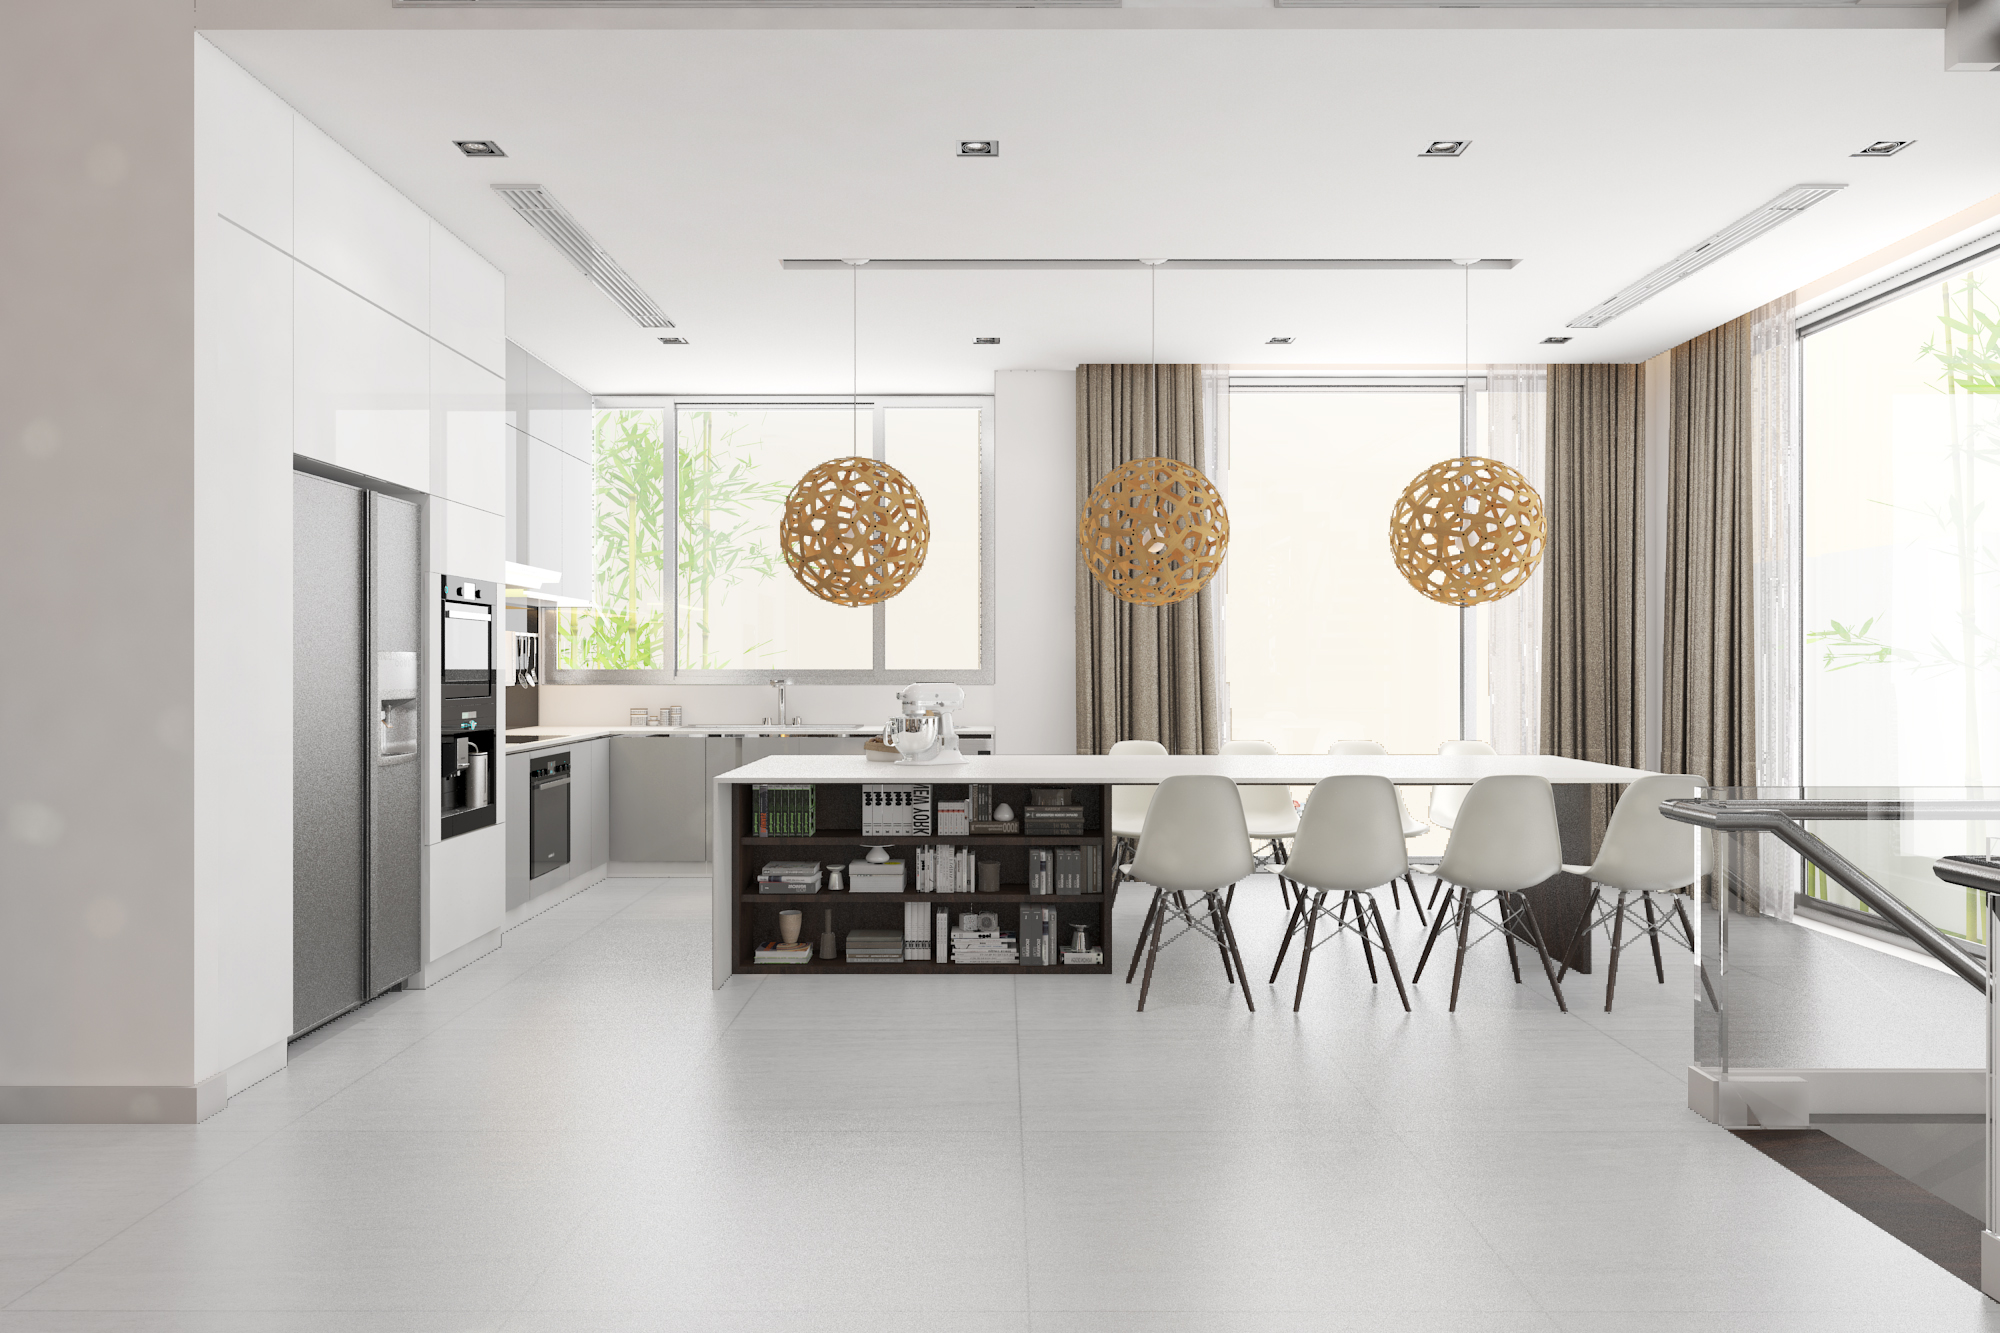 thiết kế nội thất Biệt Thự tại Hà Nội bt Vinhomes - riverside 21 1568085348